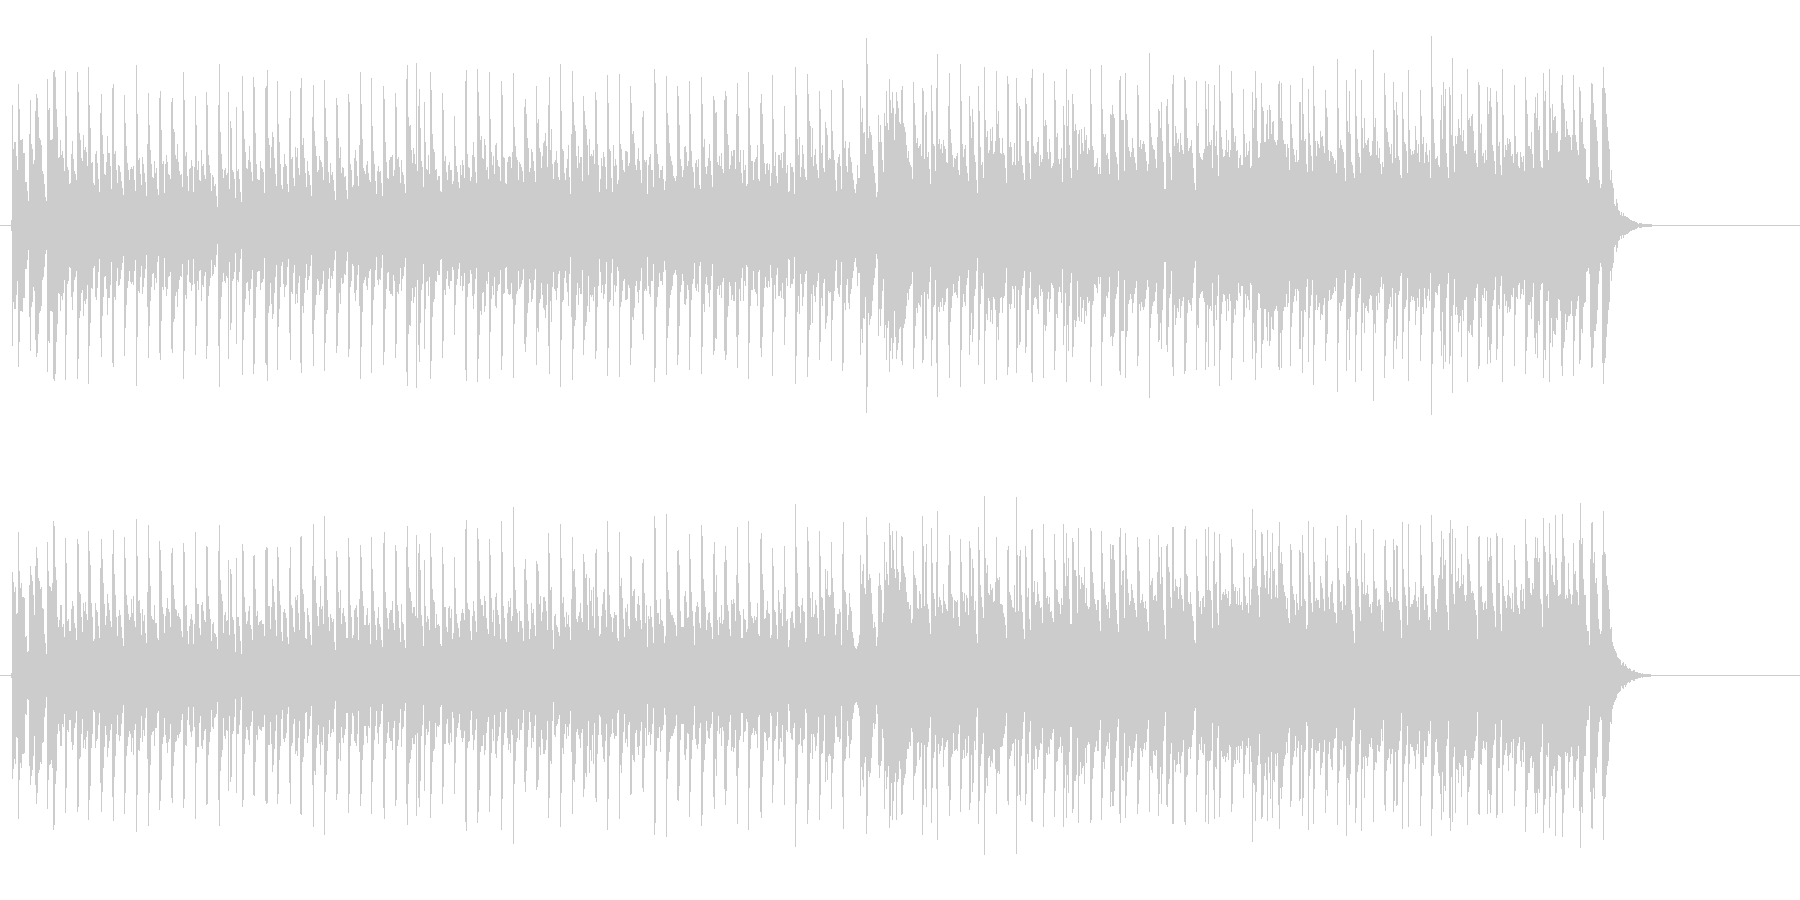 定番BGM風メインストリーム・ポップスの未再生の波形